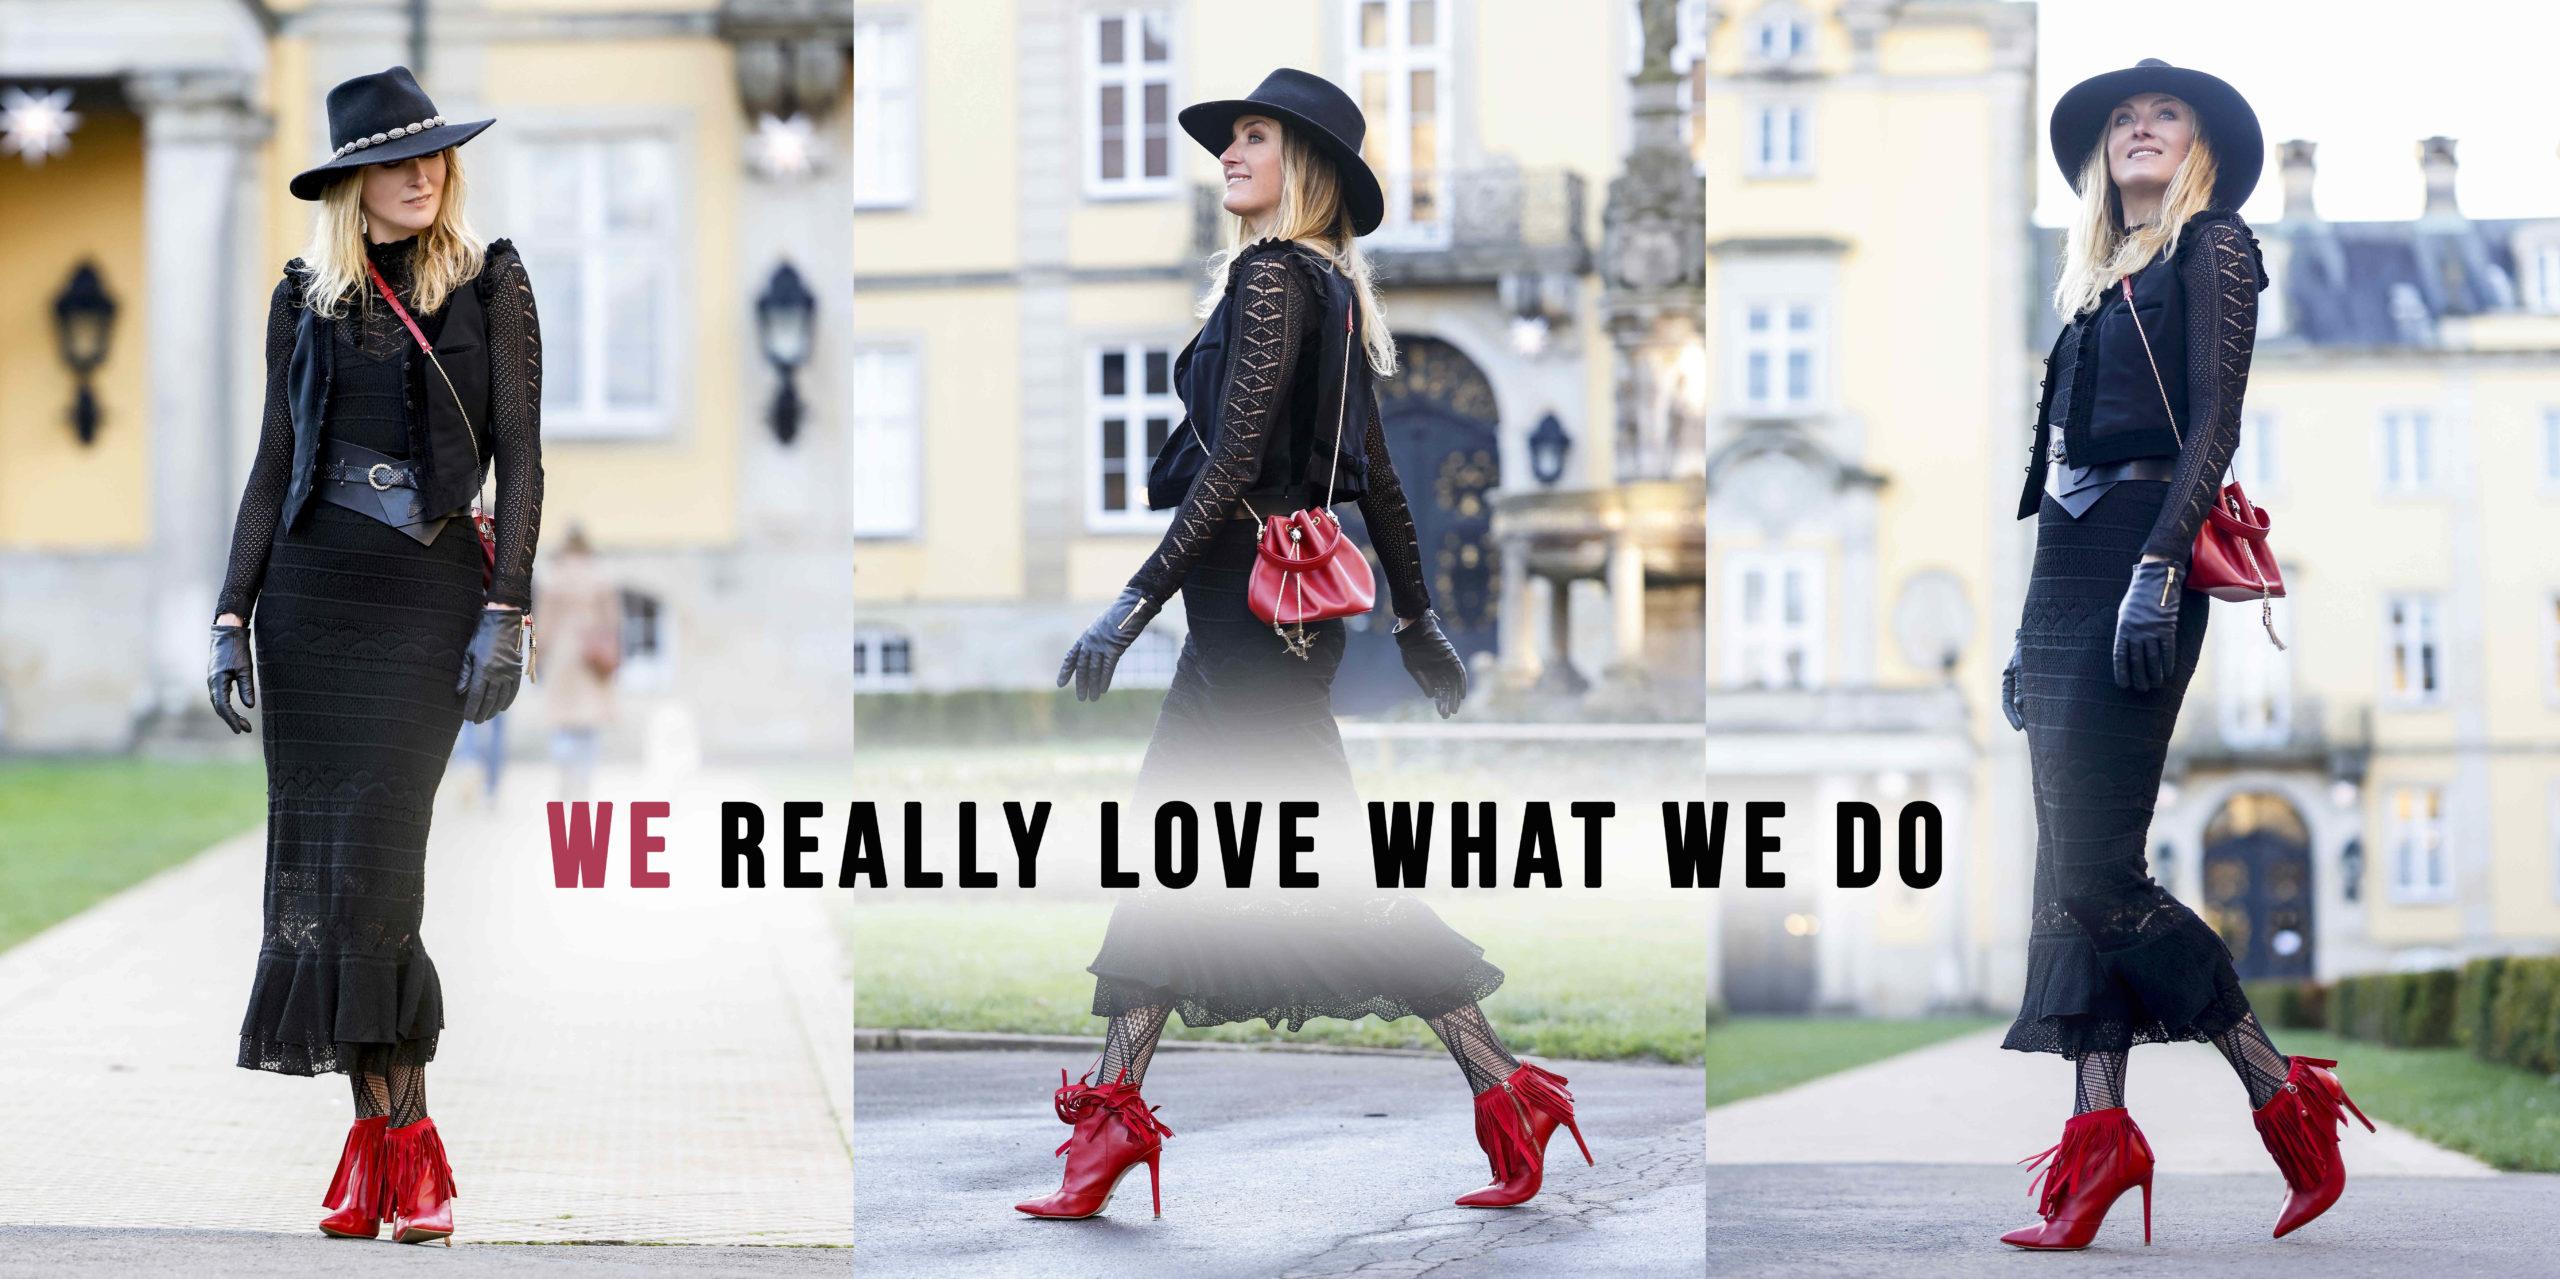 Prinzessin Lilly zu Sayn-Wittgenstein-Berleburg trägt ein schwarzes Klein, einen schwarzen Hut, wine rote Tasche, rote Schuhe und schwarze Handschuhe